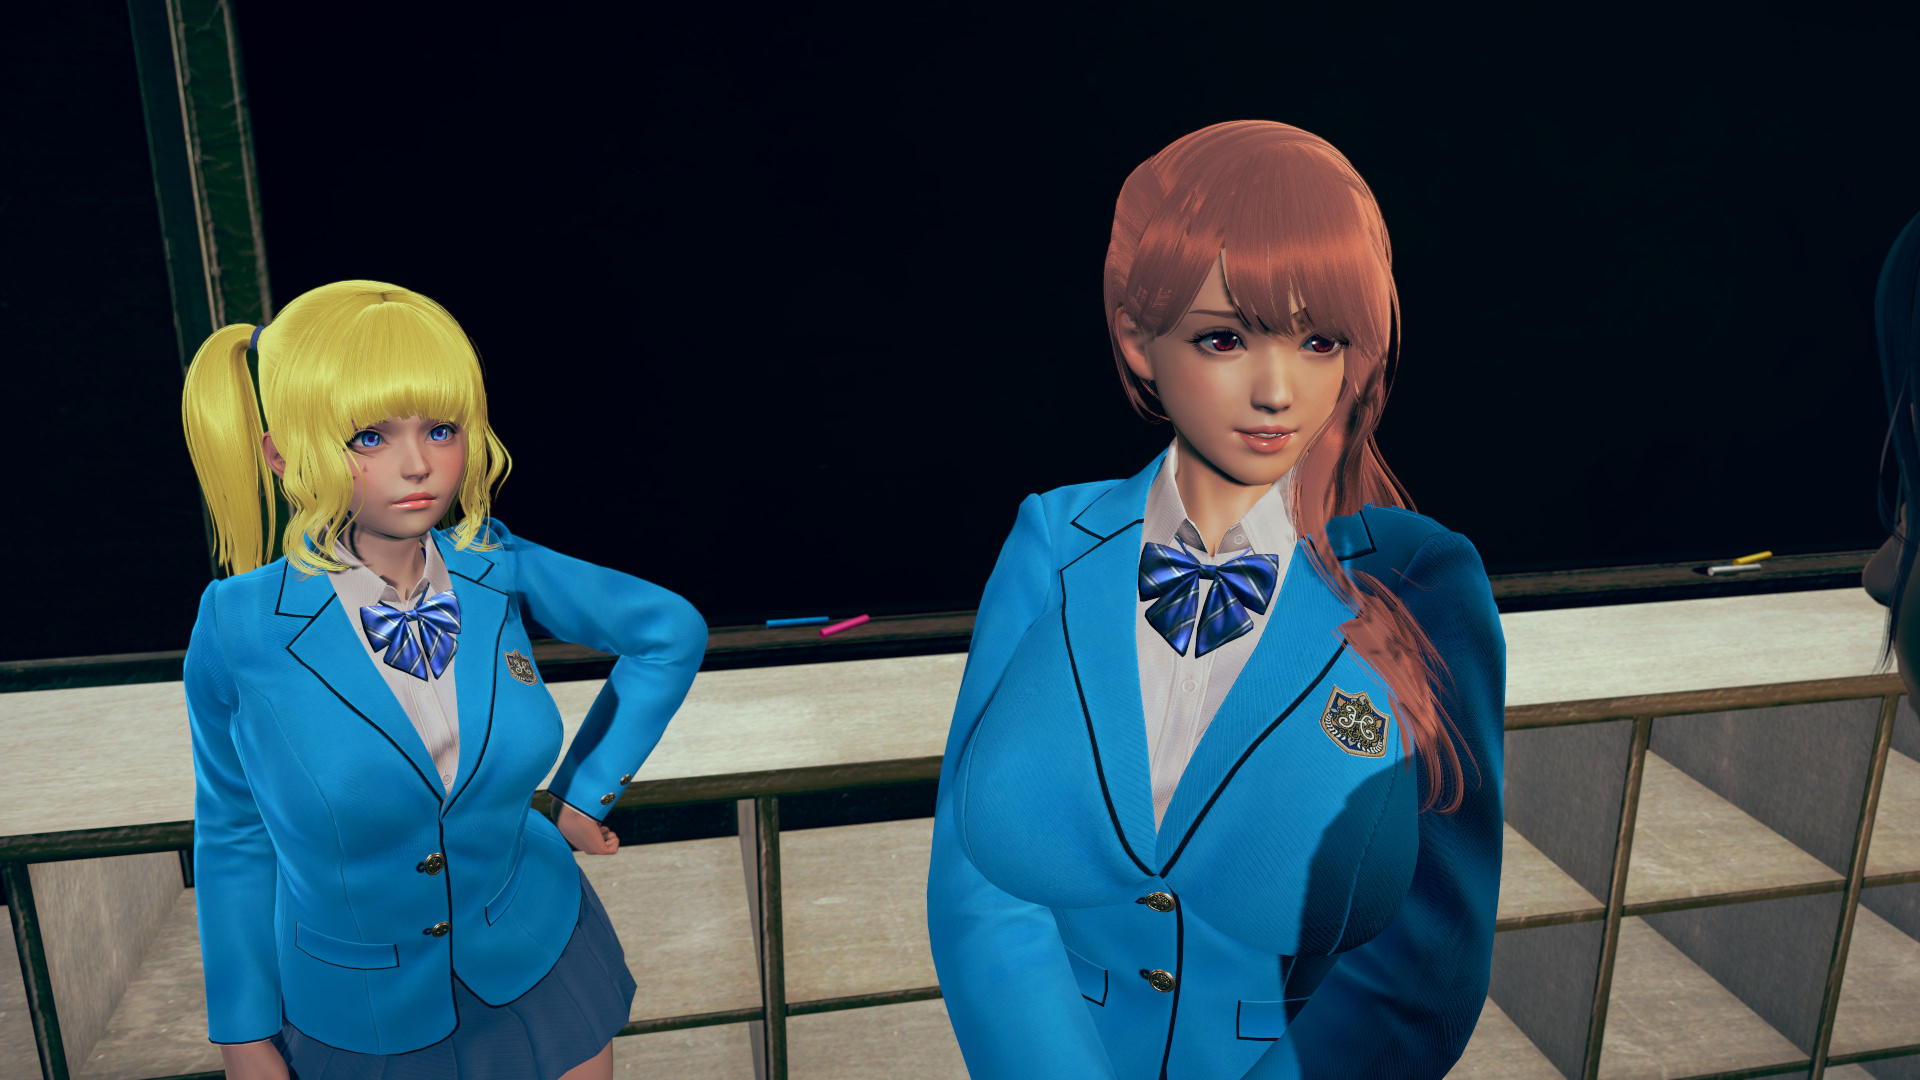 My Waifu! - Top Anime Waifu HD Quality for Android - APK